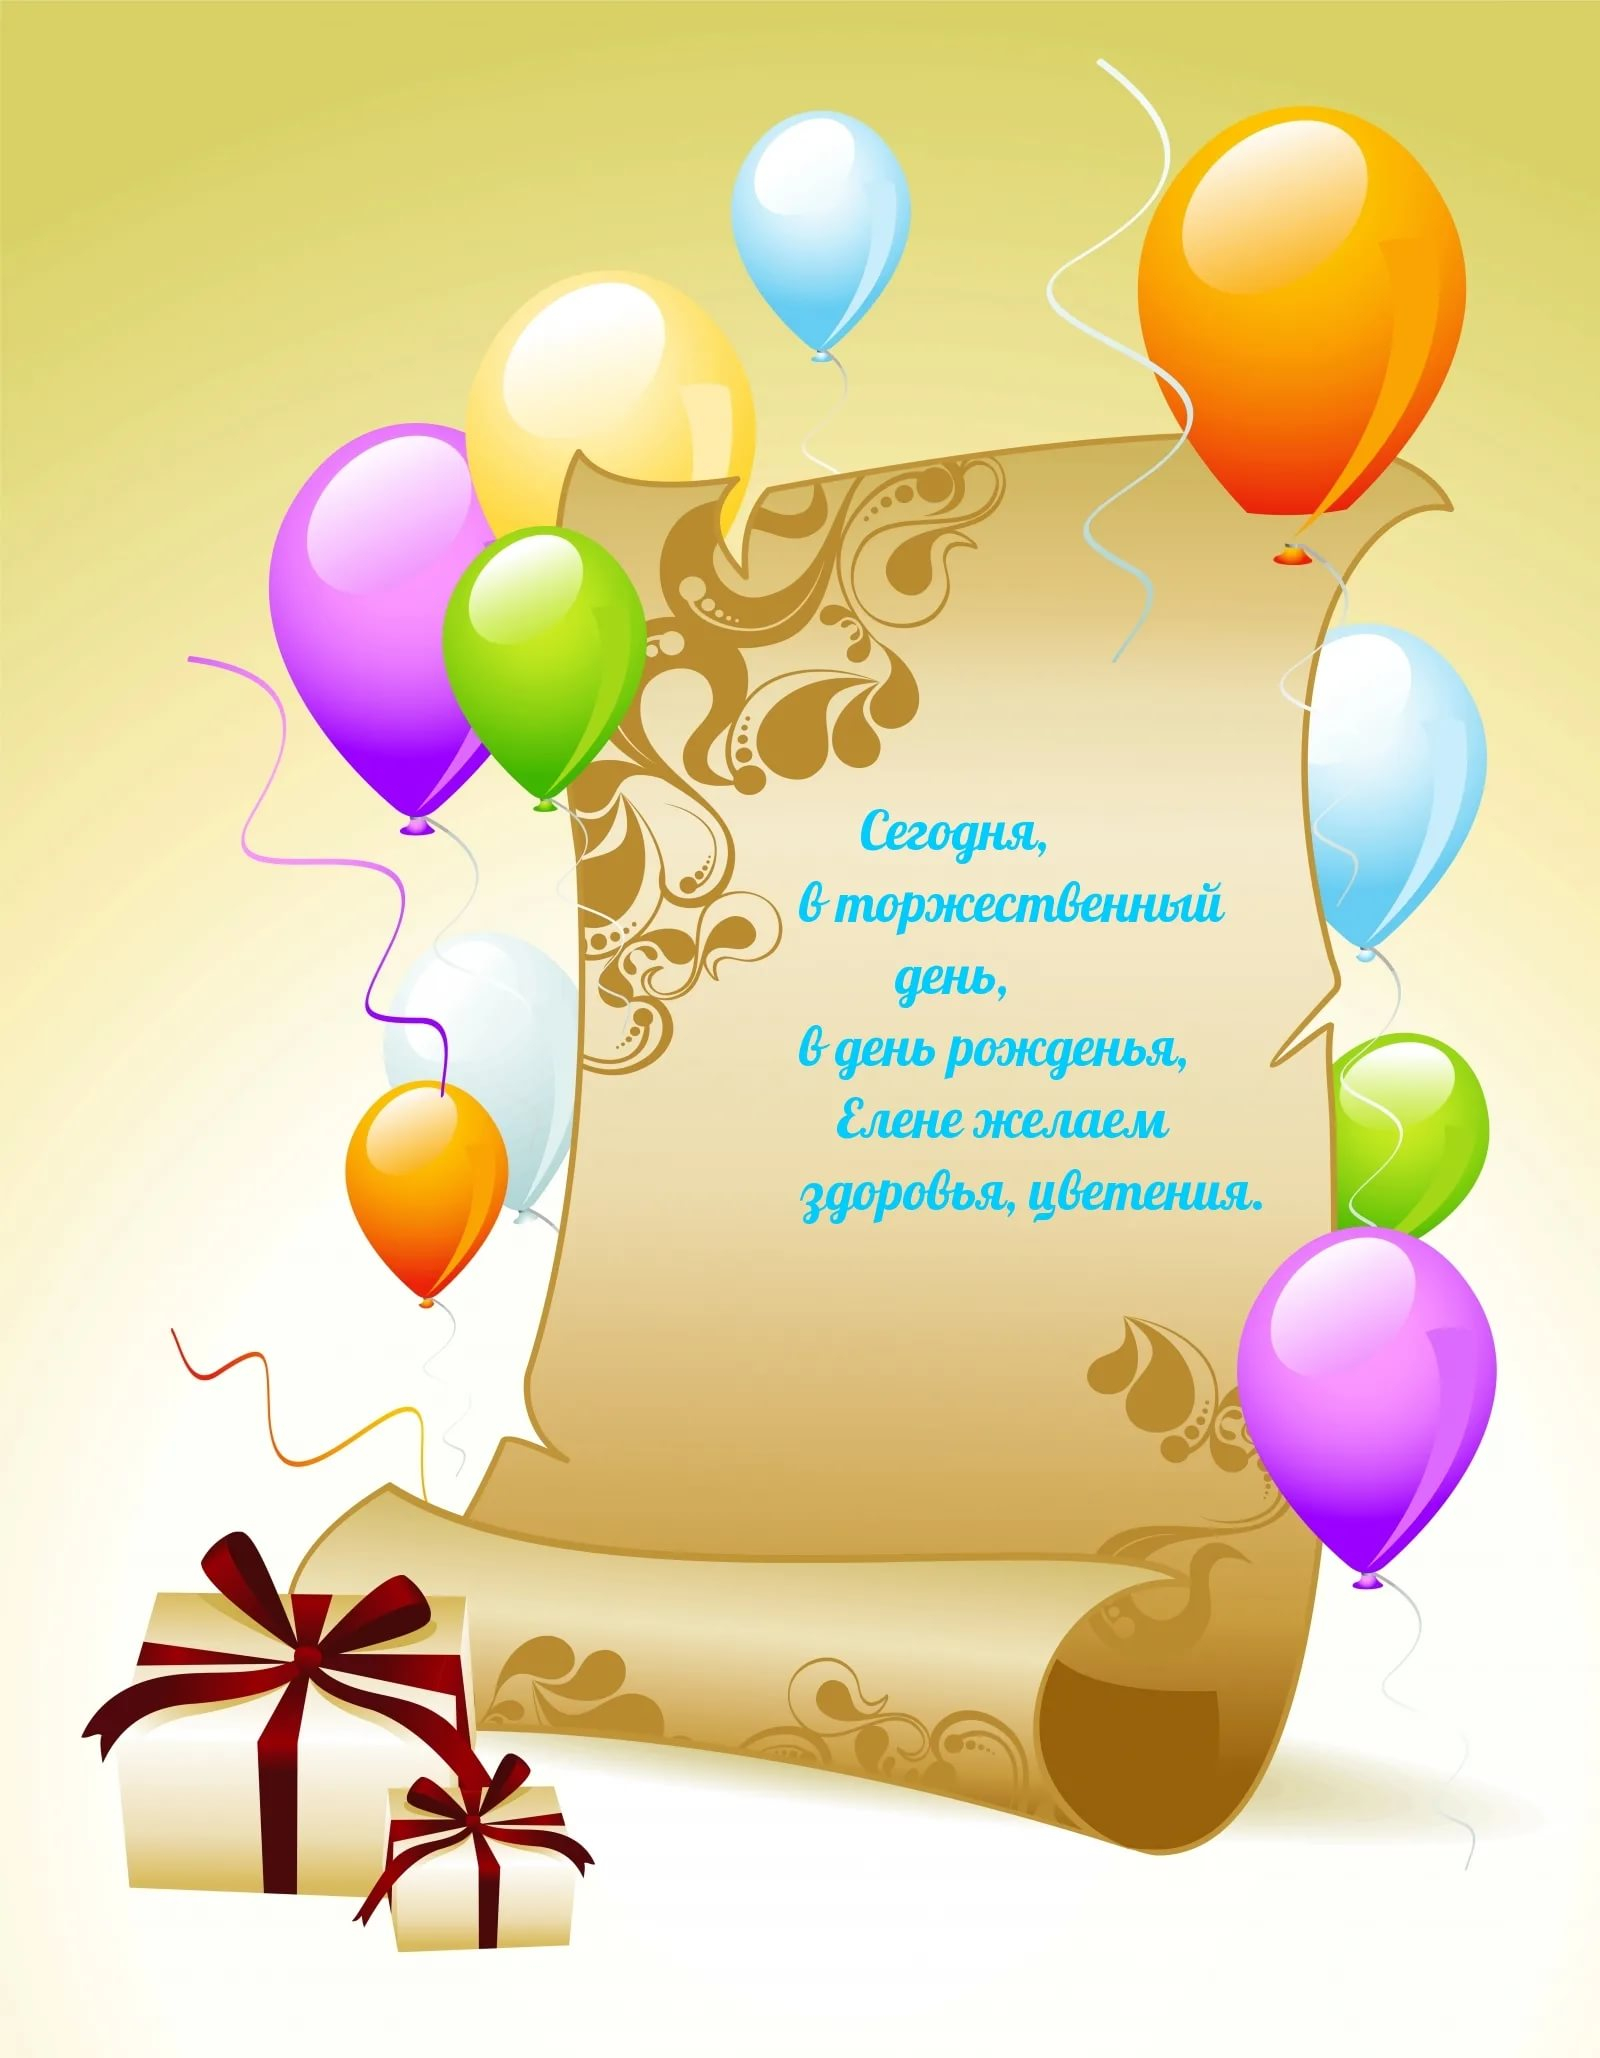 Яркие и бесплатные открытки с днем рождения Елена 2